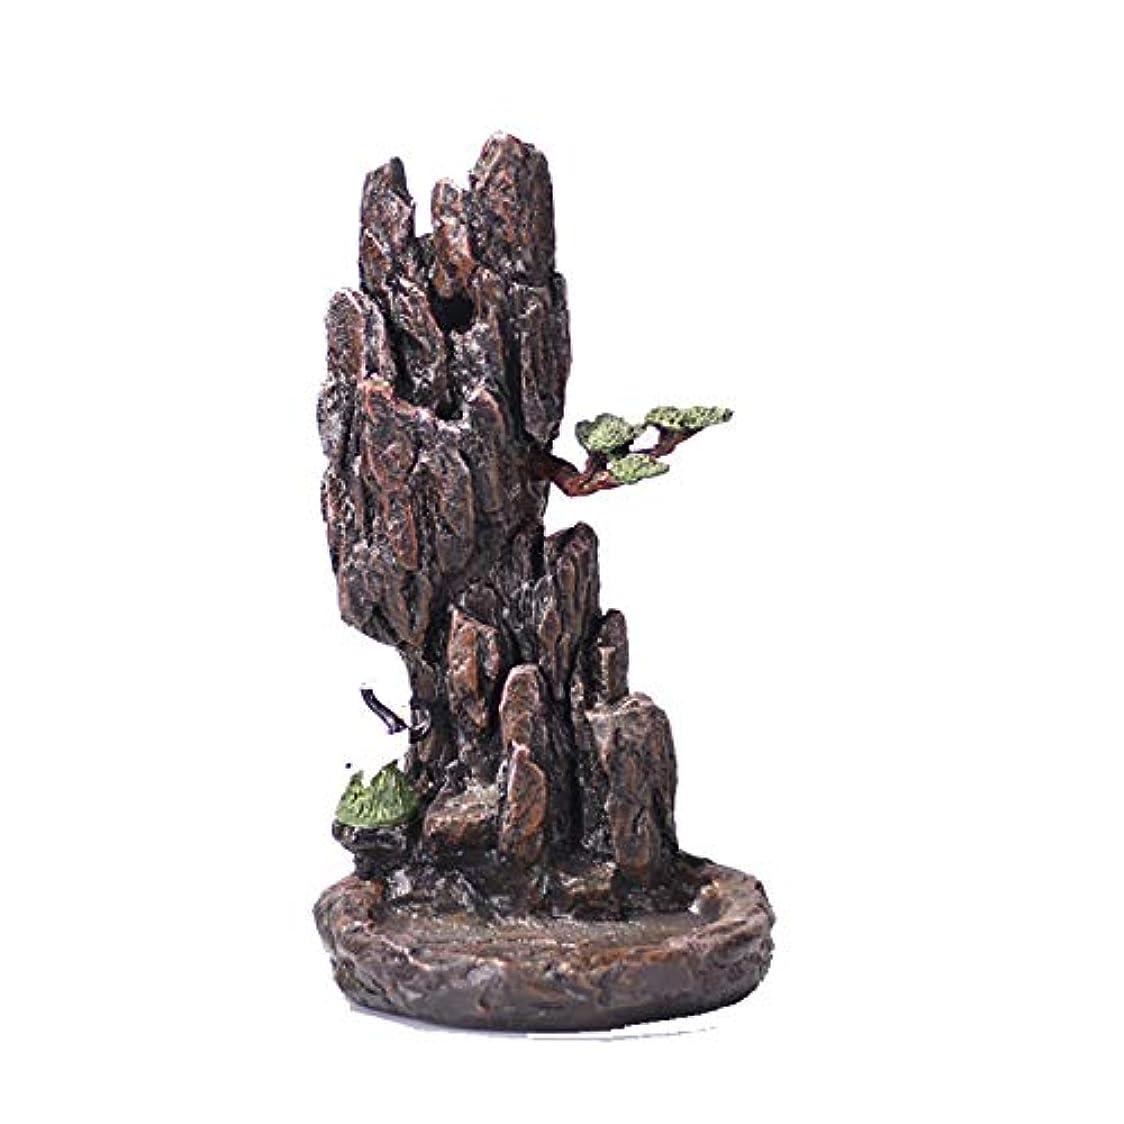 グッゲンハイム美術館抽象測るXPPXPP Backflow Incense Burner, Household Ceramic Returning Cone-shaped Candlestick Burner